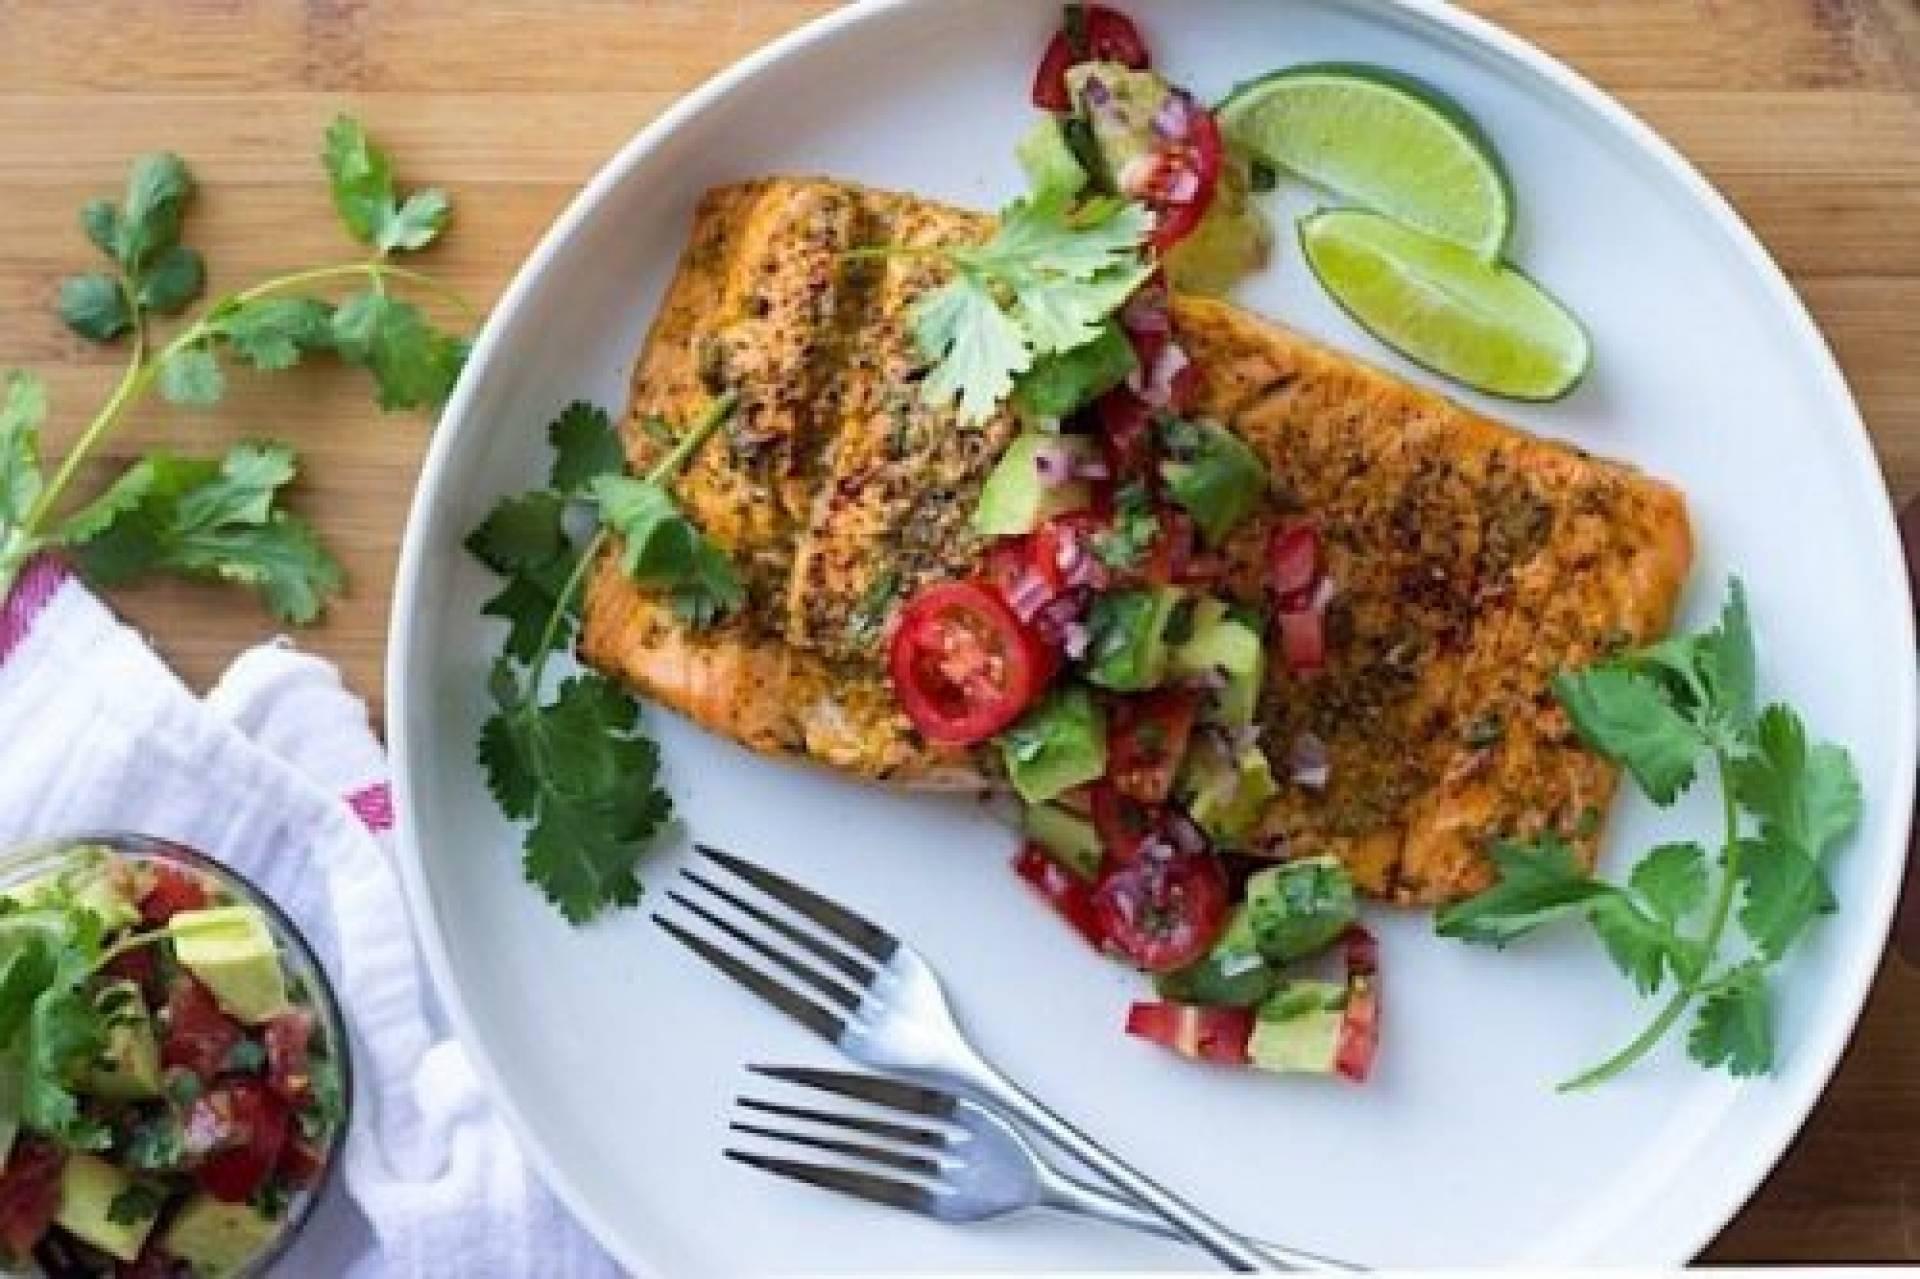 KETO Chili Lime Salmon